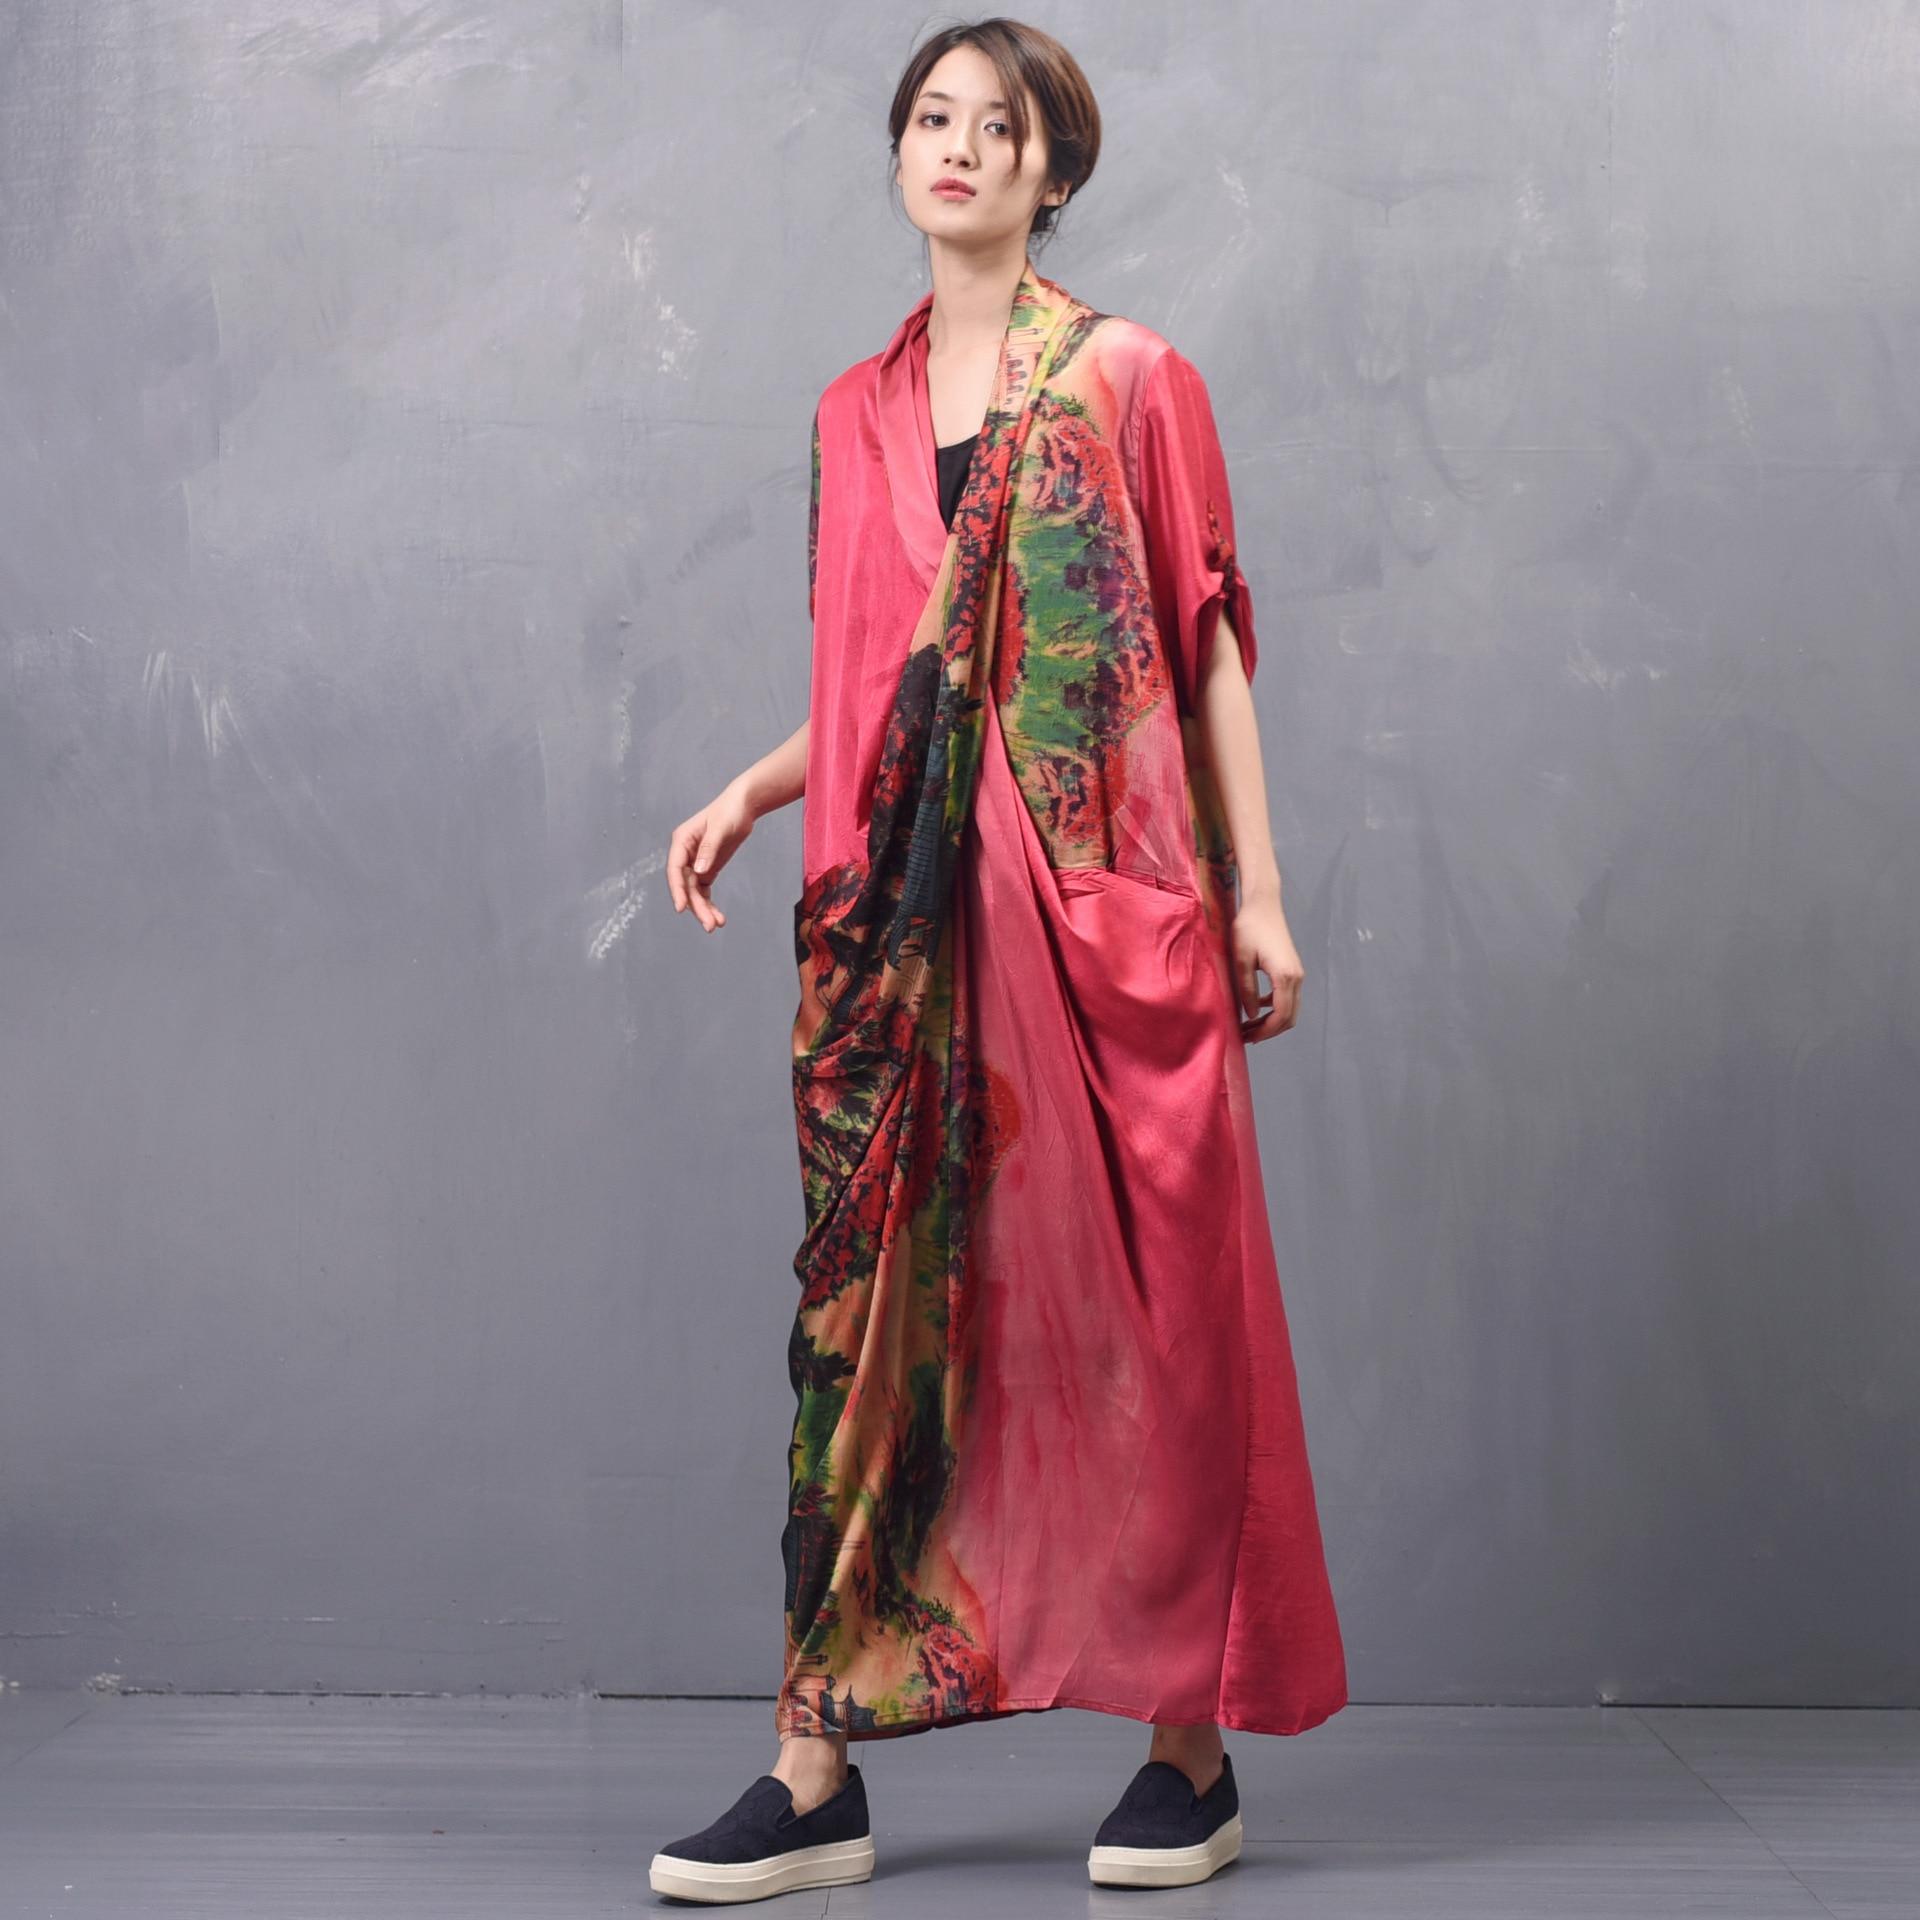 Kadın Giyim'ten Elbiseler'de Kadın İlkbahar Yaz Çapraz Gevşek Elbise Bayan Baskılı Zarif Elbise Kadın Baskı Patchwork Elbiseler 2019 Düzensiz Uzunluk Elbise'da  Grup 1